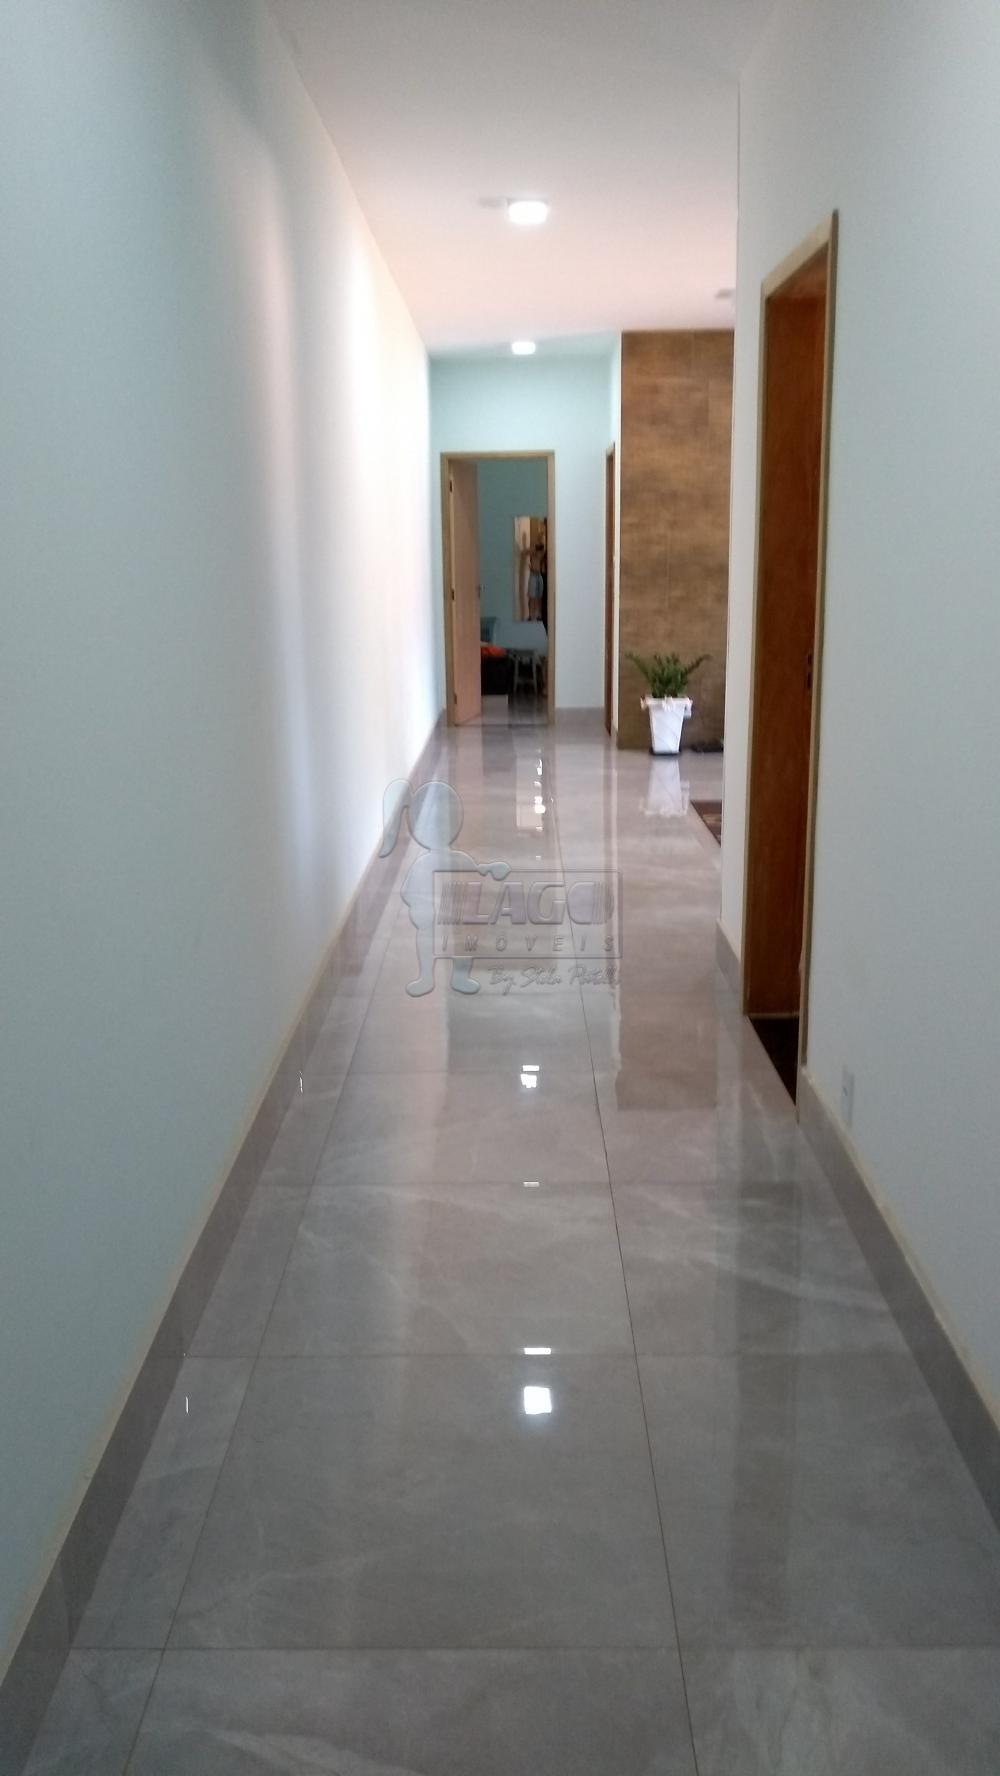 Comprar Casas / Condomínio em Ribeirão Preto apenas R$ 490.000,00 - Foto 17